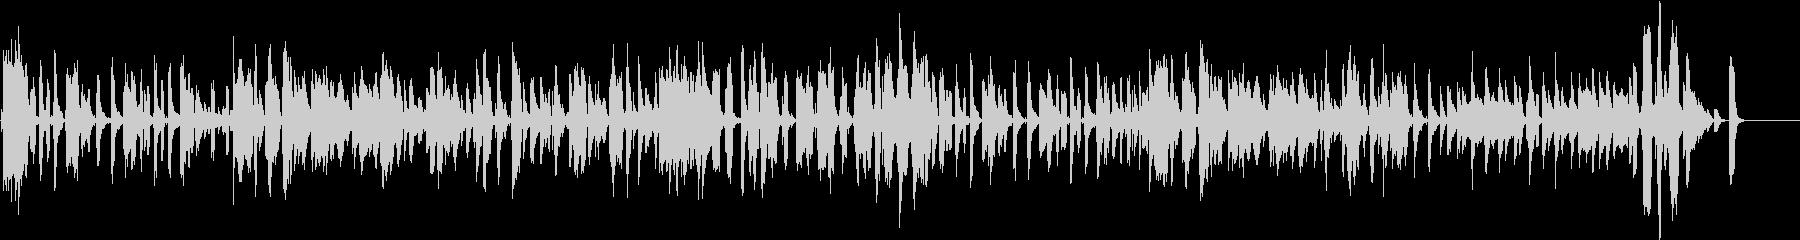 ビックバンドJAZZの未再生の波形